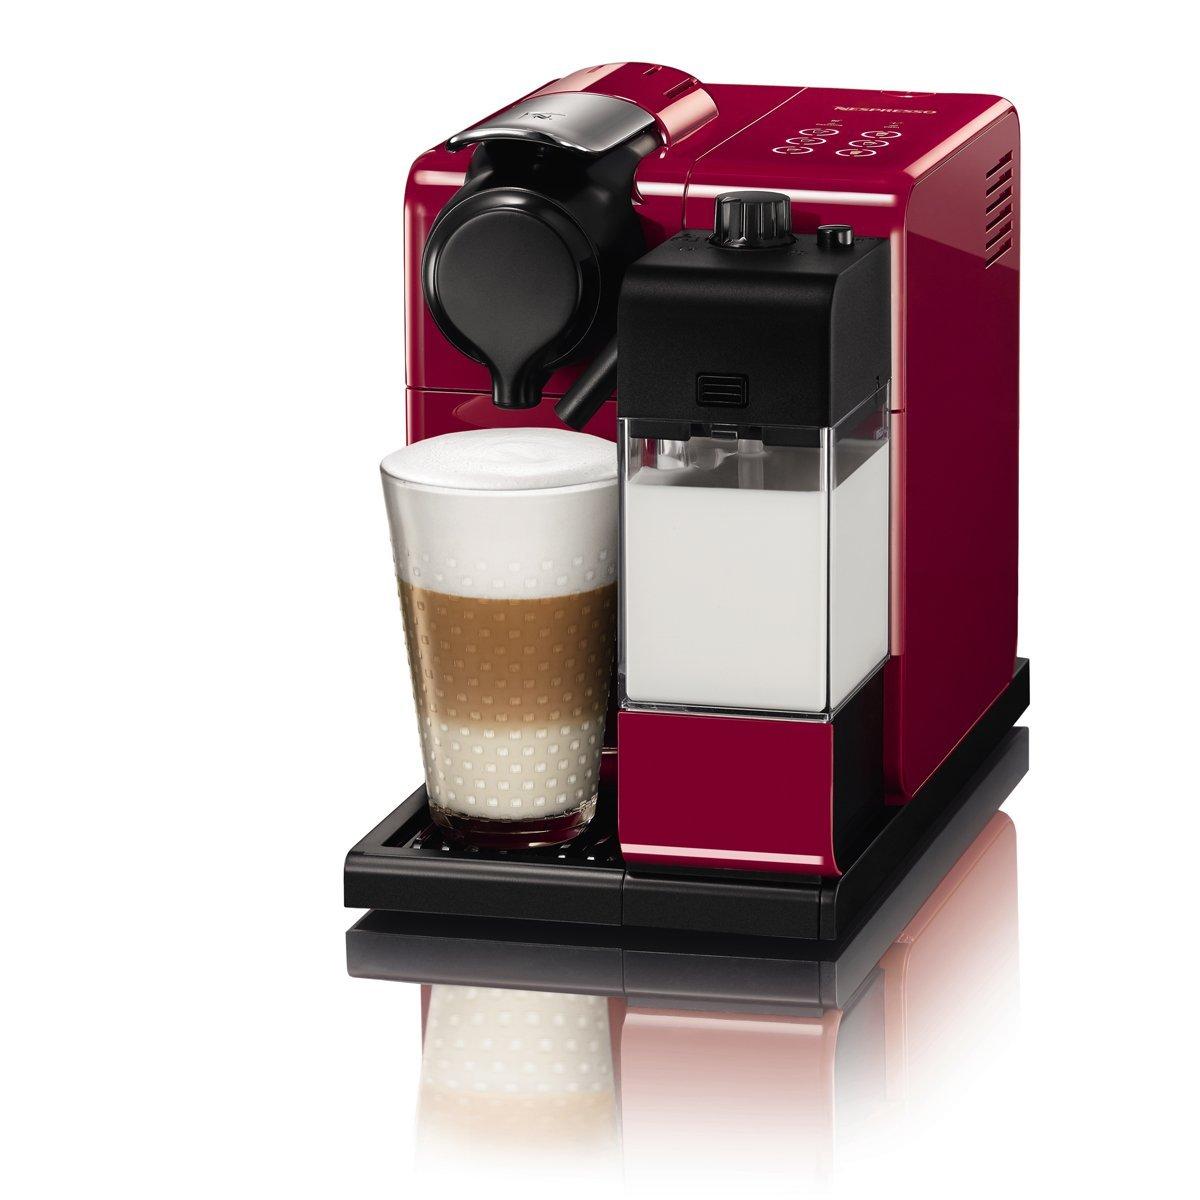 コーヒーメーカー ラティシマ・タッチ レッド 【Nespresso (ネスプレッソ) 】